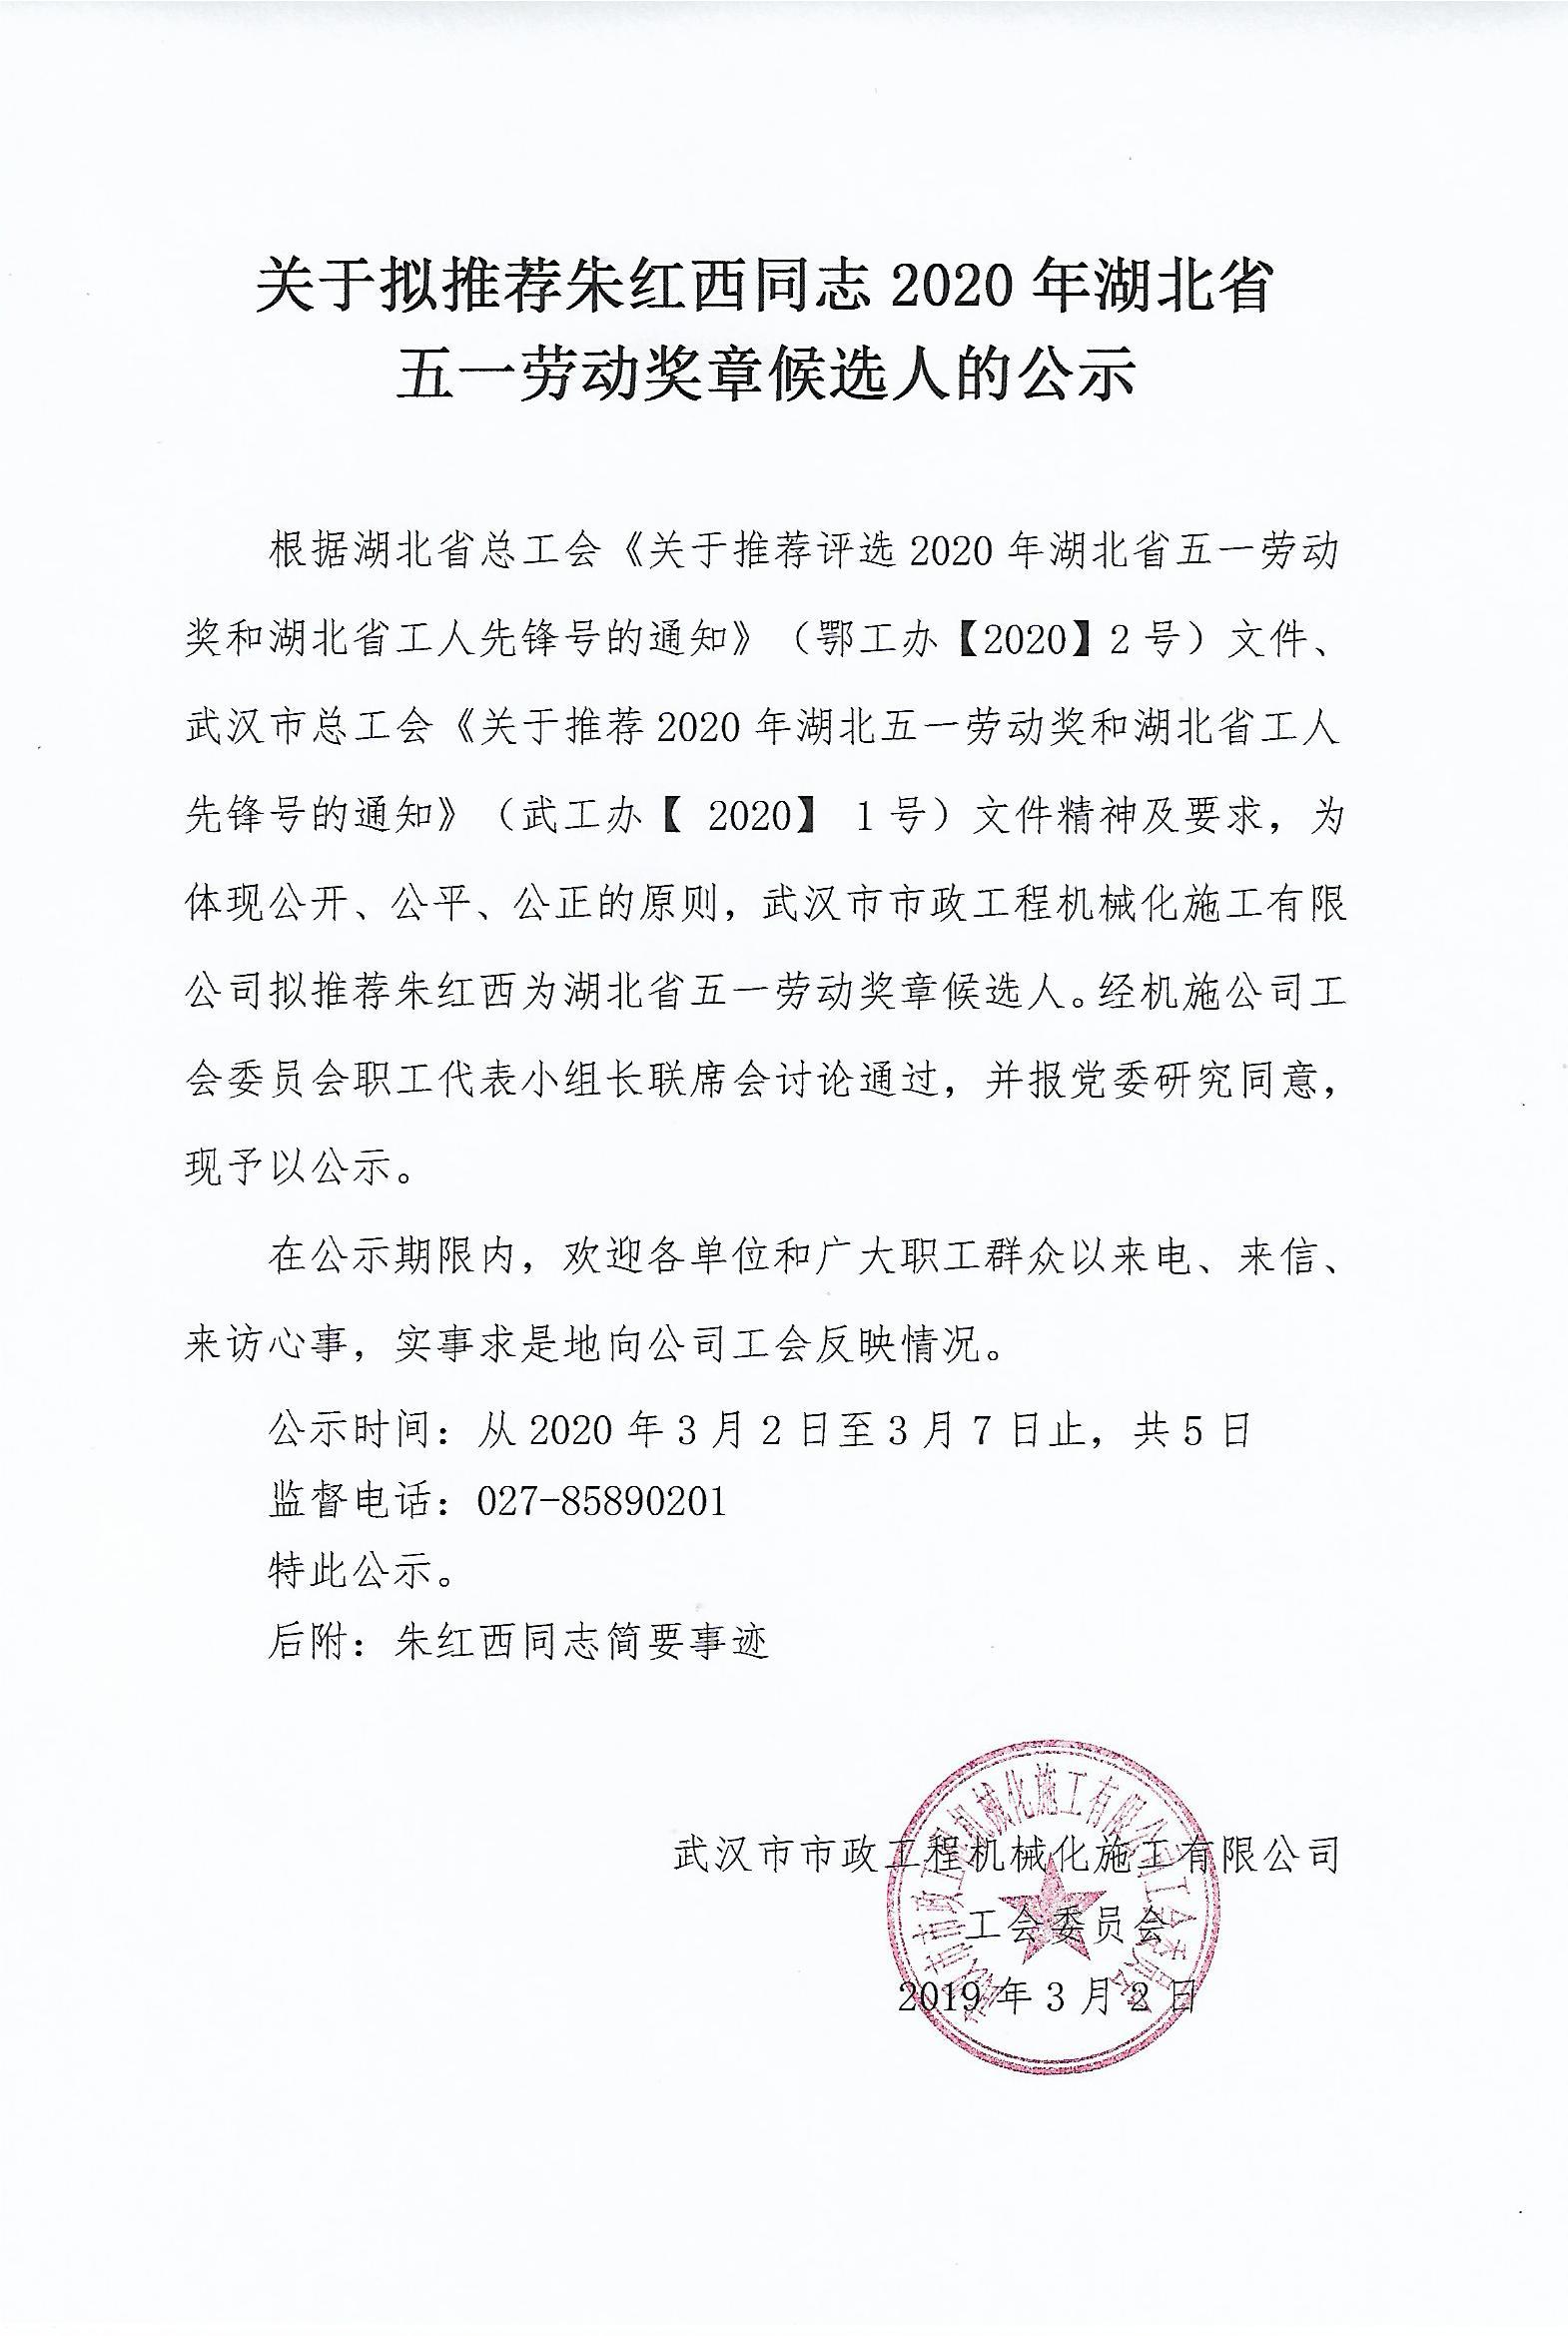 關于擬推薦朱紅西同志2020年湖北省五一勞動獎章候選人的公示